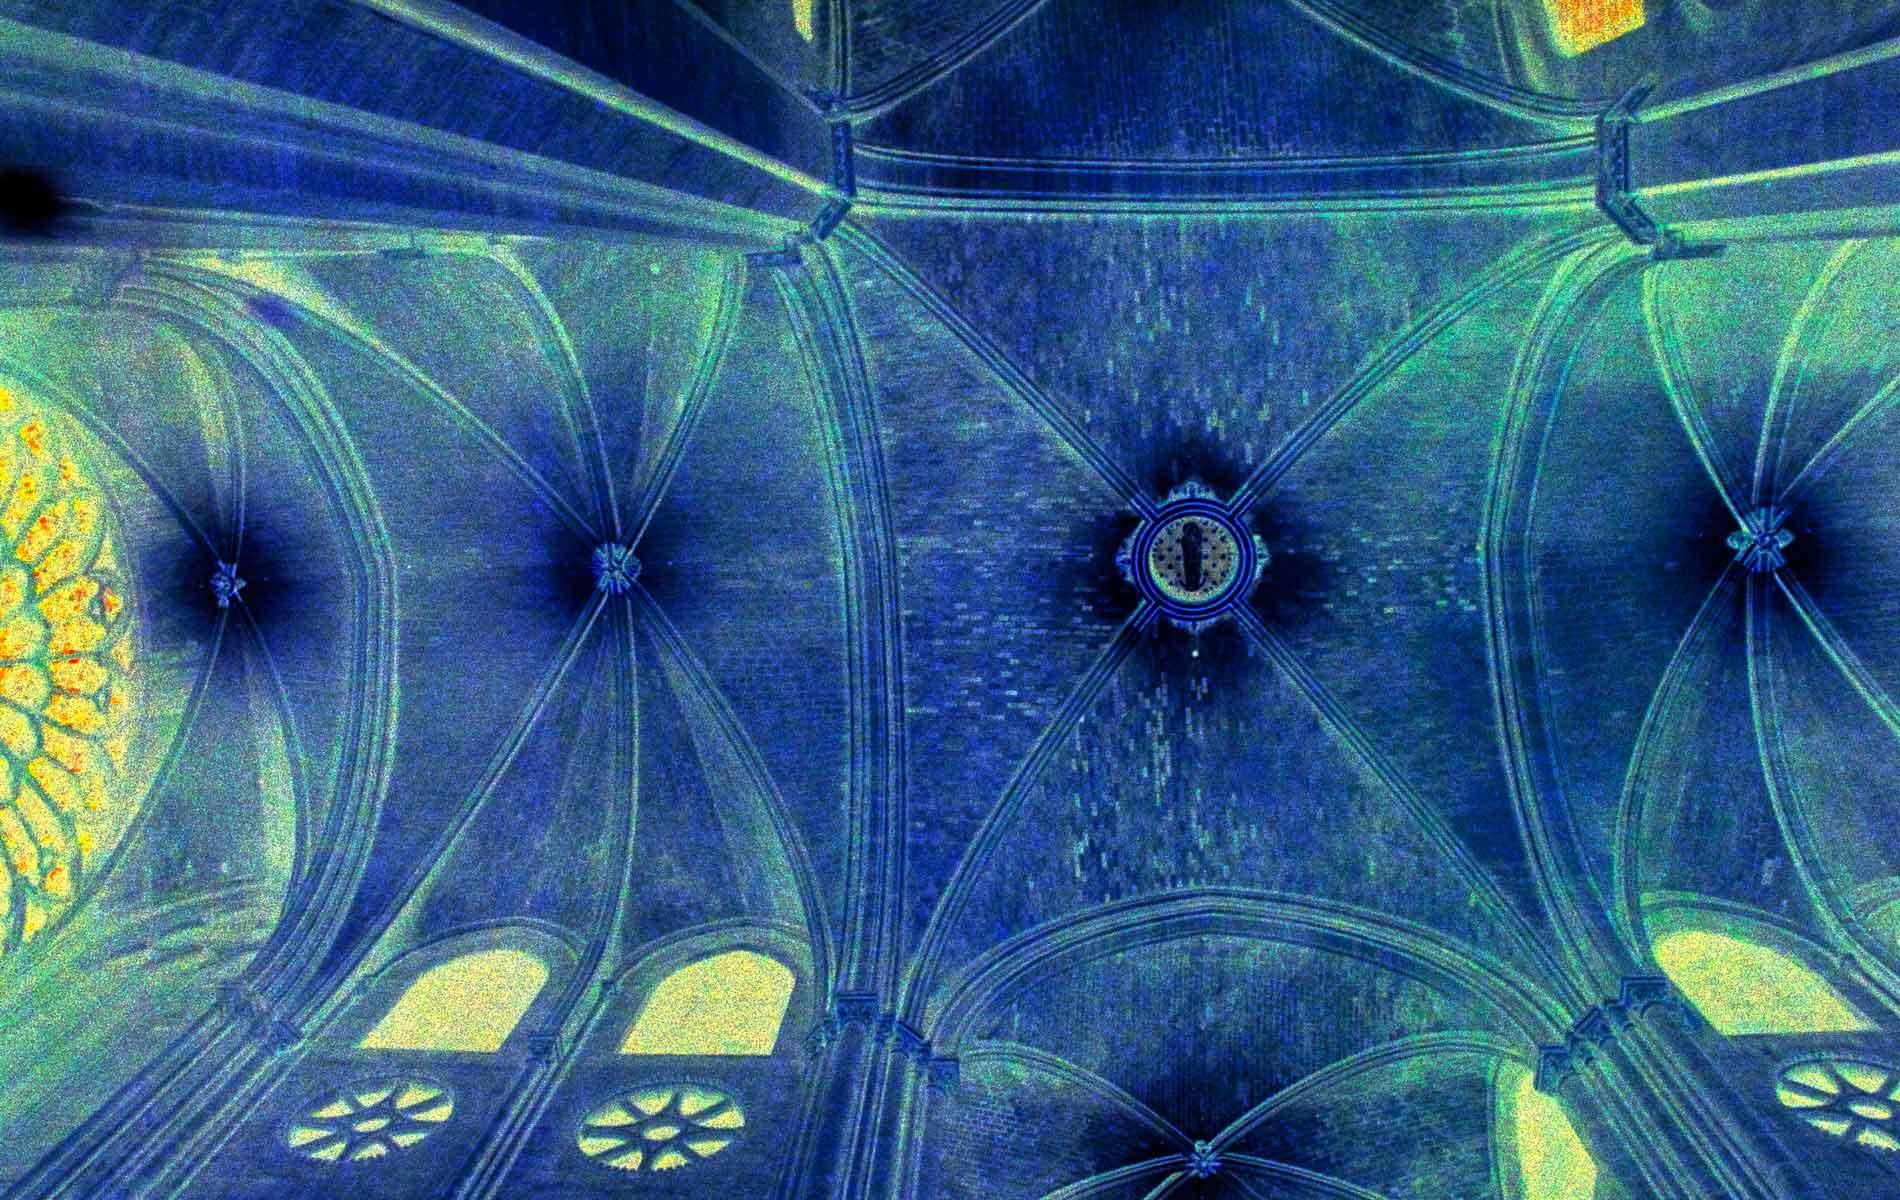 27. Mystique n. 3  –  Mystic n. 3 - © Graziano Villa